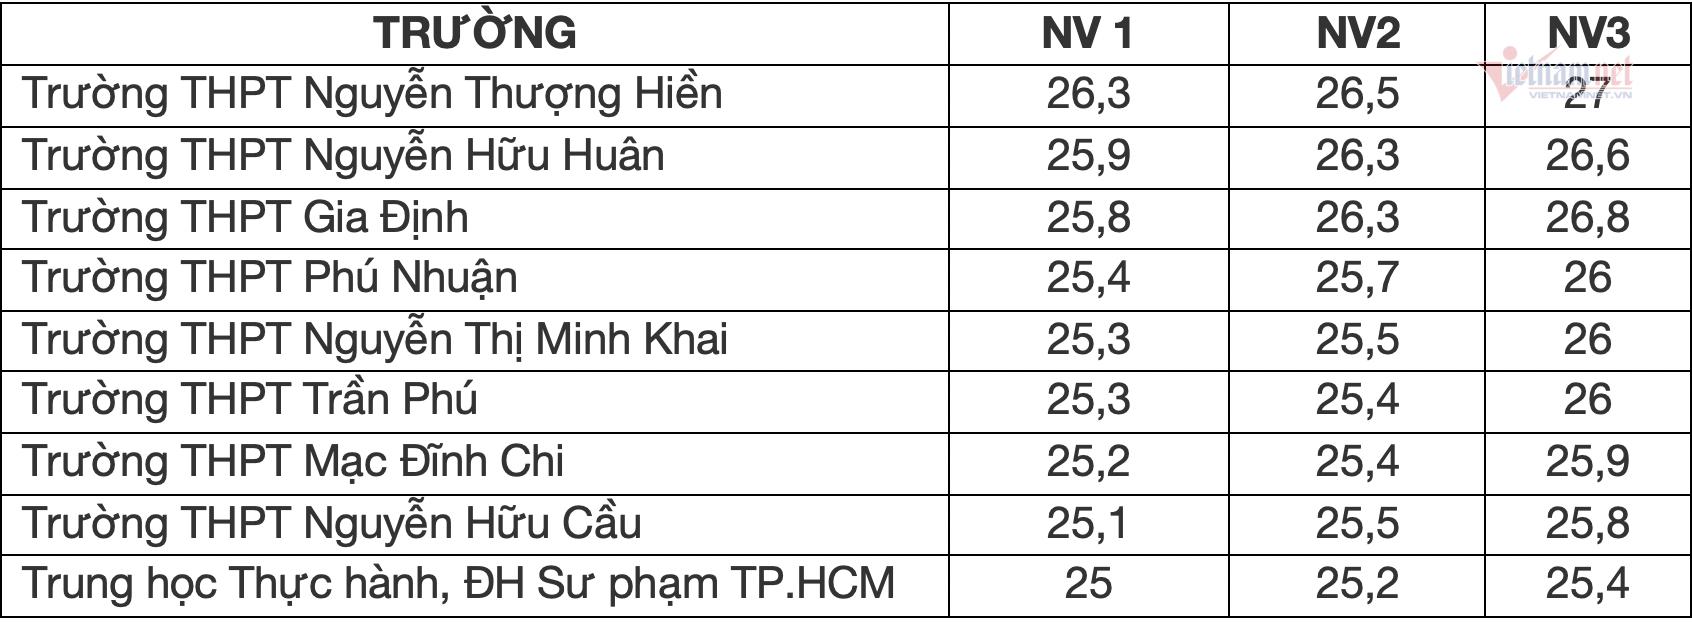 Nhiều trường bứt phá về điểm chuẩn lớp 10 ở TP.HCM